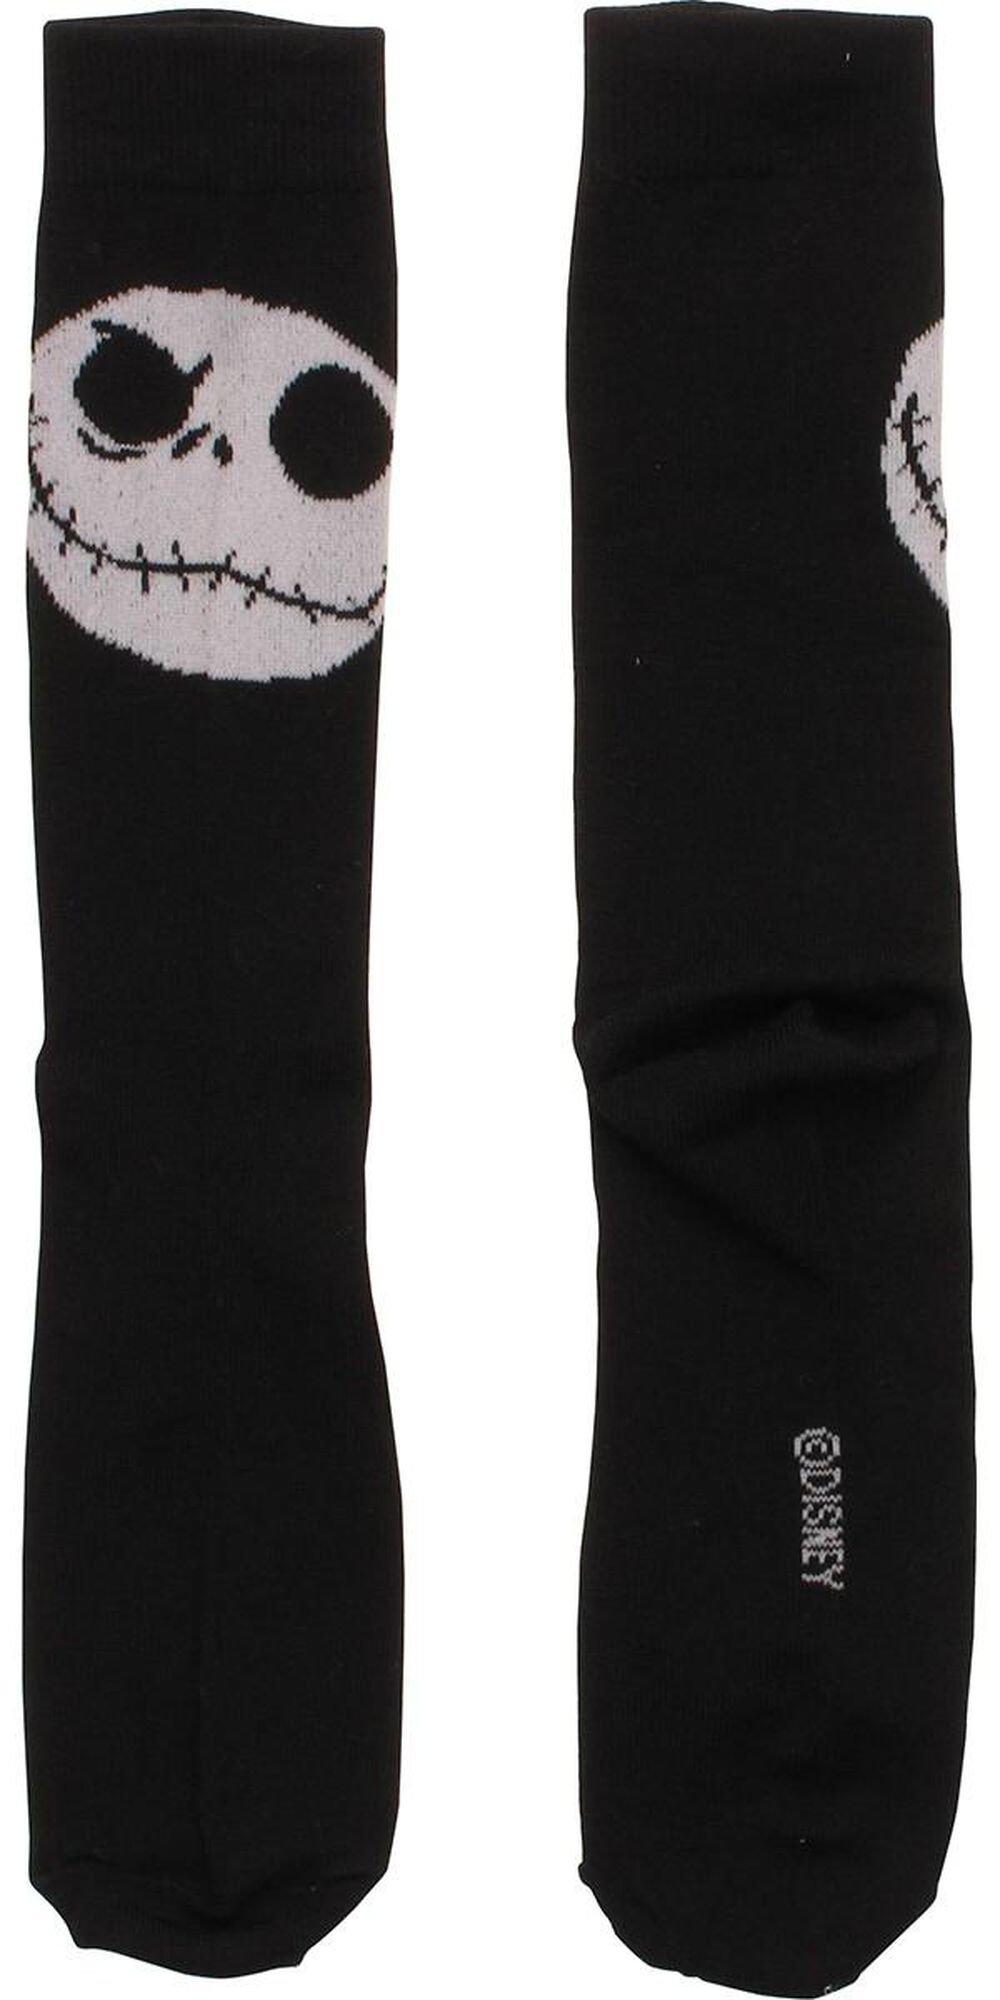 Nightmare Before Christmas Jack Head Crew Socks | FYE